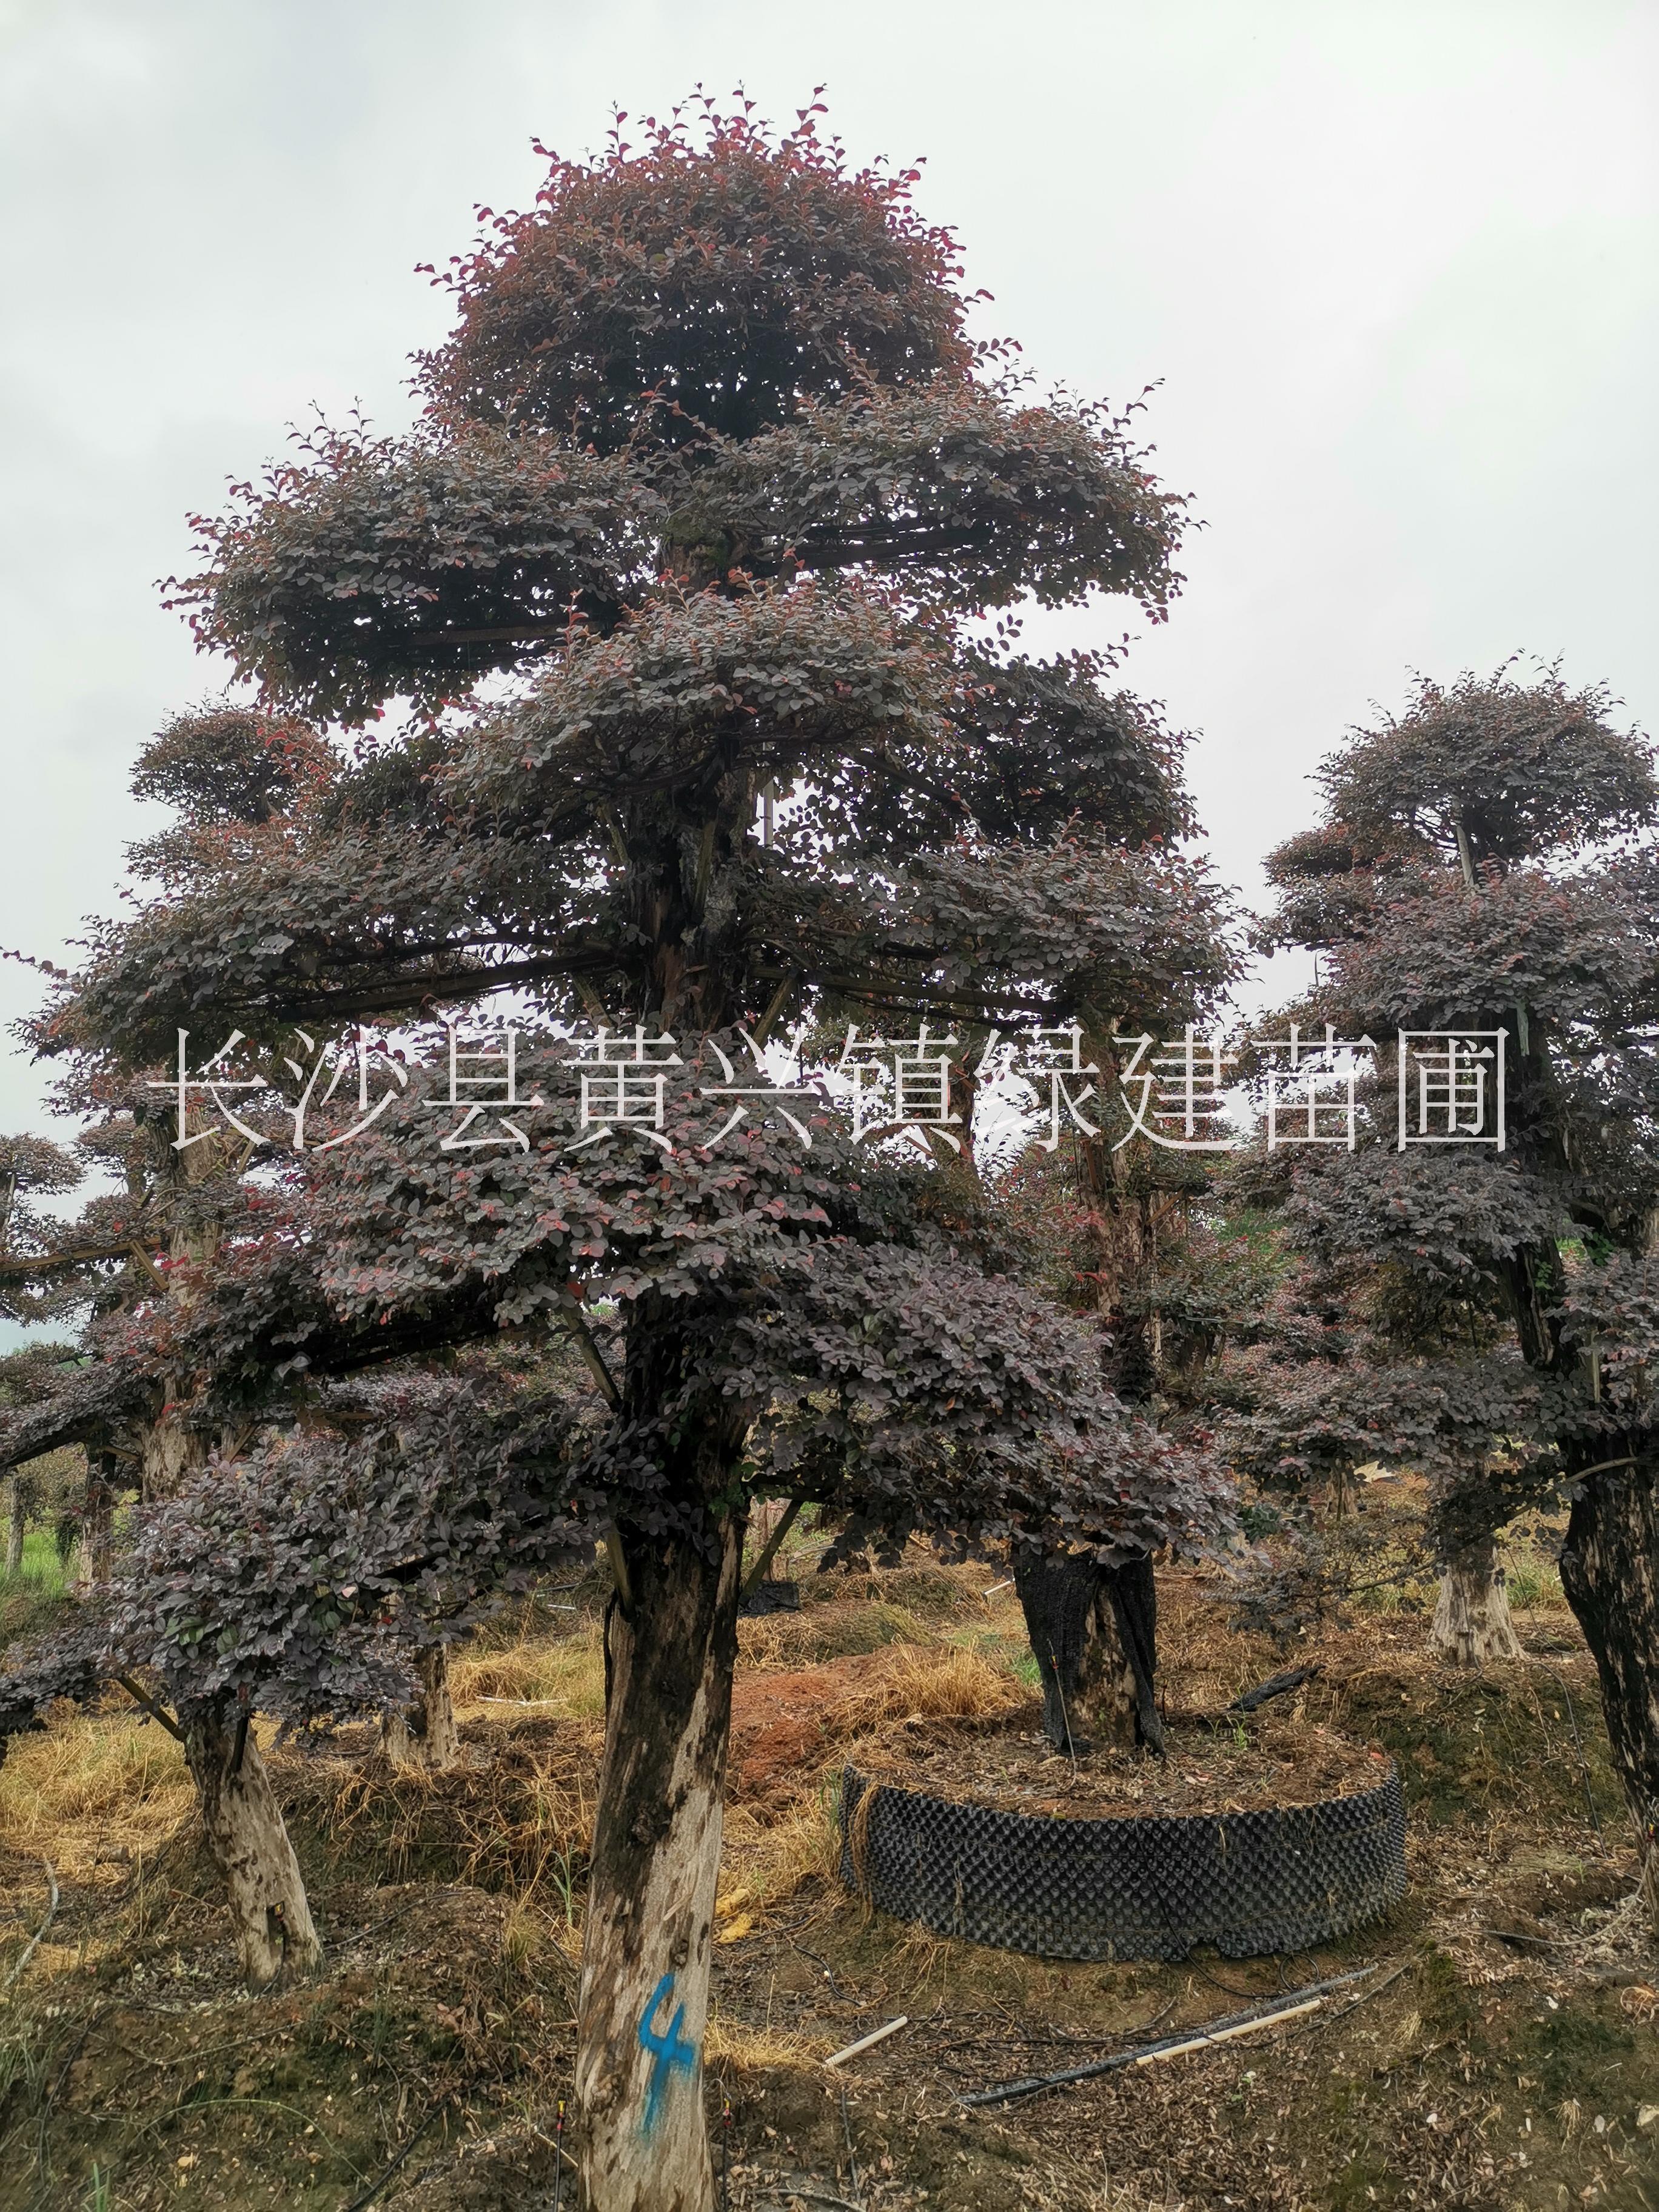 云南造型红梽木桩子种植基地,云南优质造型红梽木桩子批发价,云南造型红梽木桩子供应商